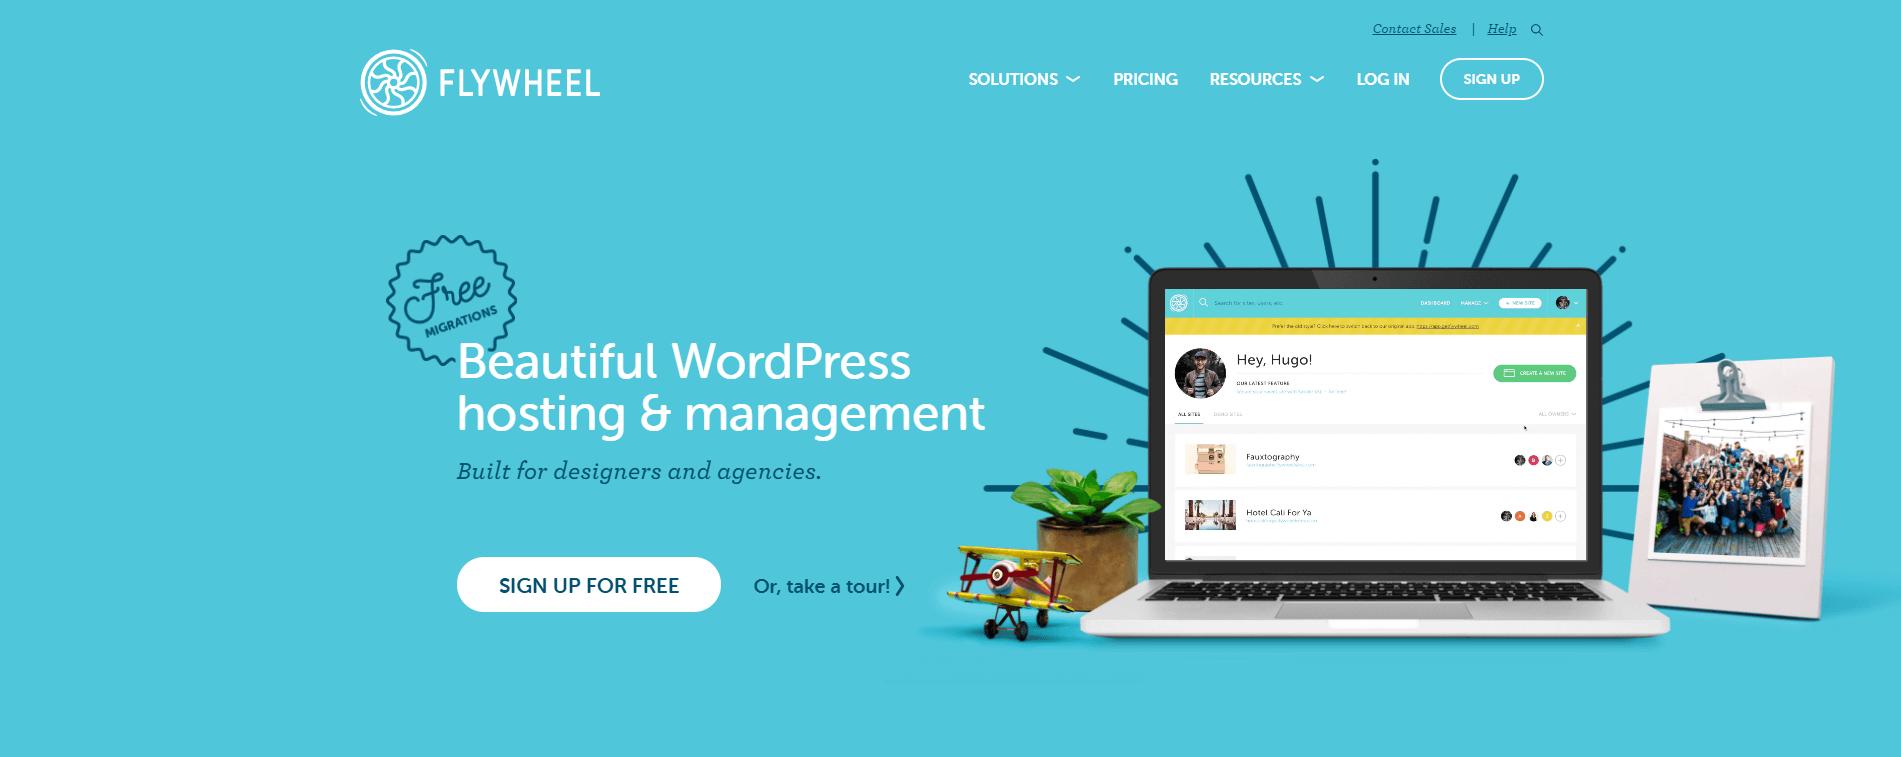 Flywheel WordPress hosting.